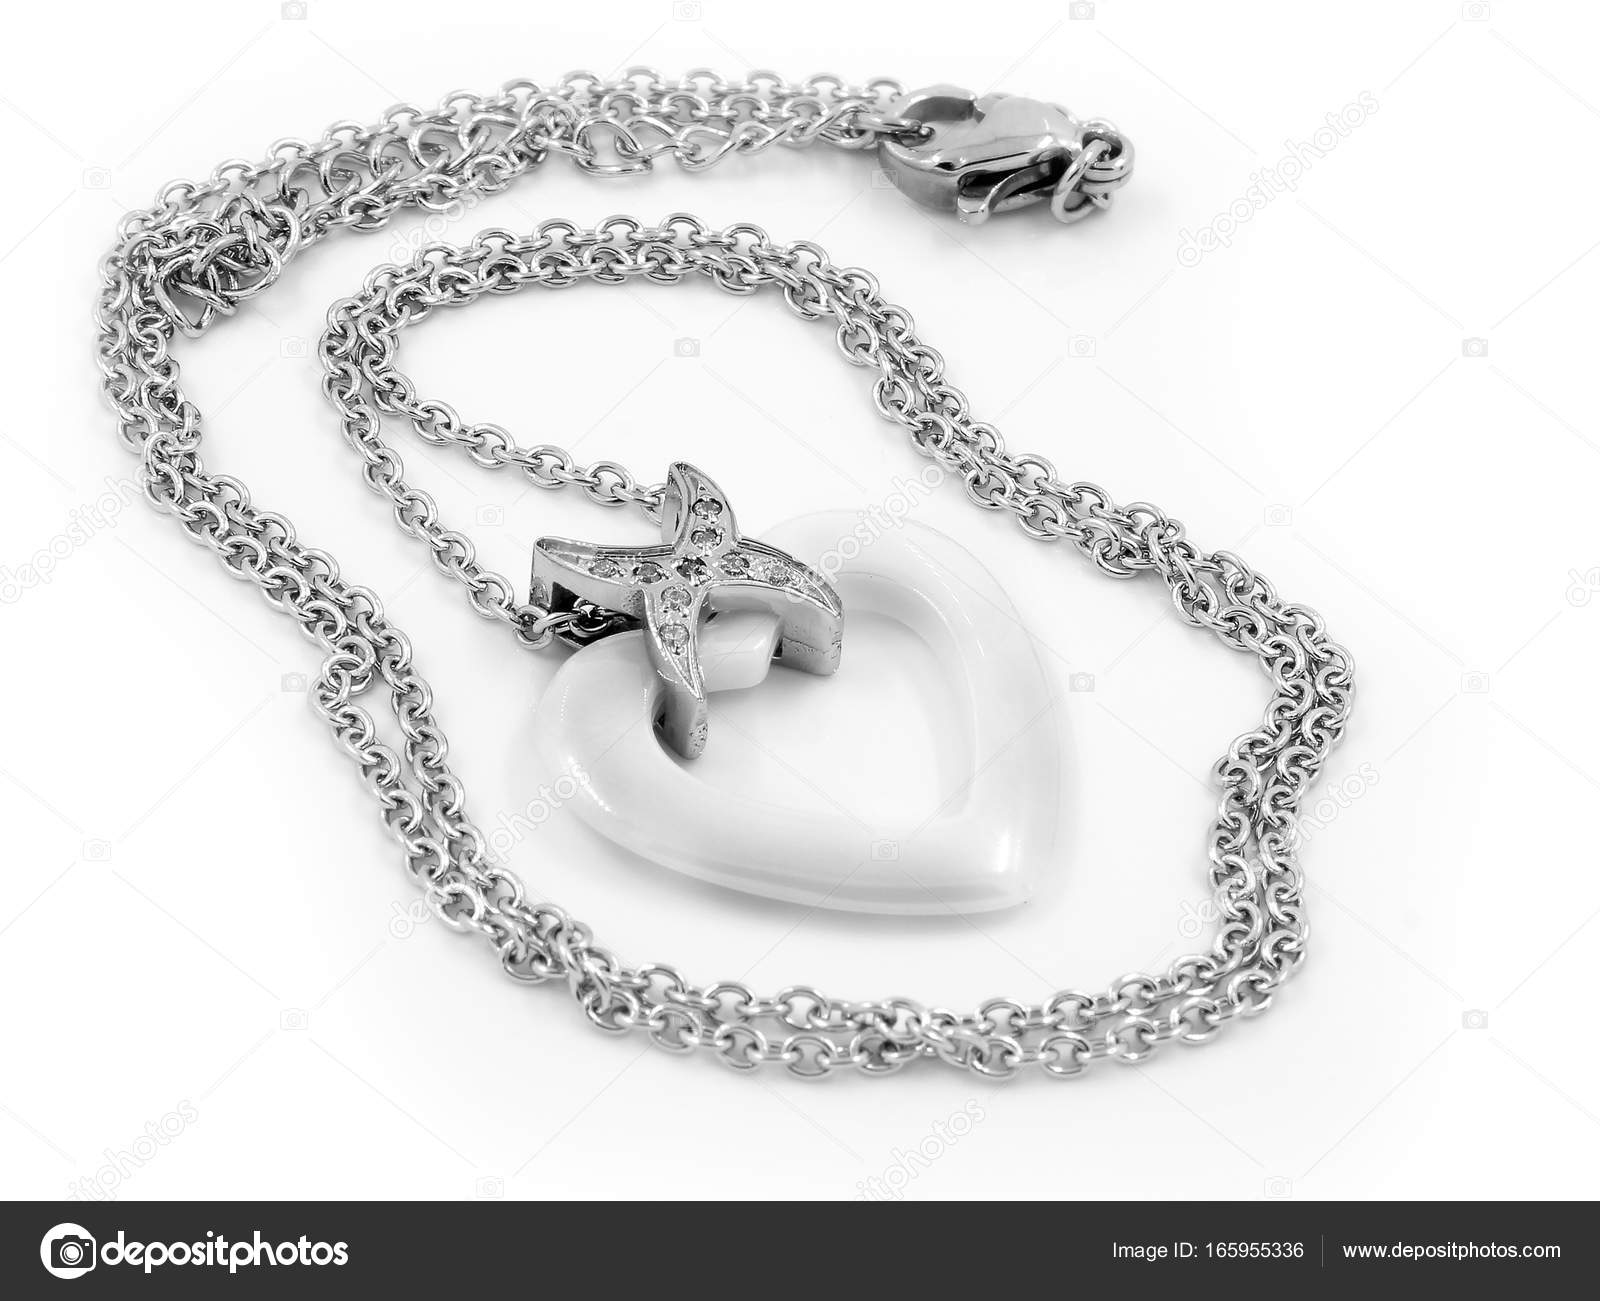 a1a3177c2 Náhrdelník - šperky pro ženy - jedna barva pozadí — Fotografie od ...